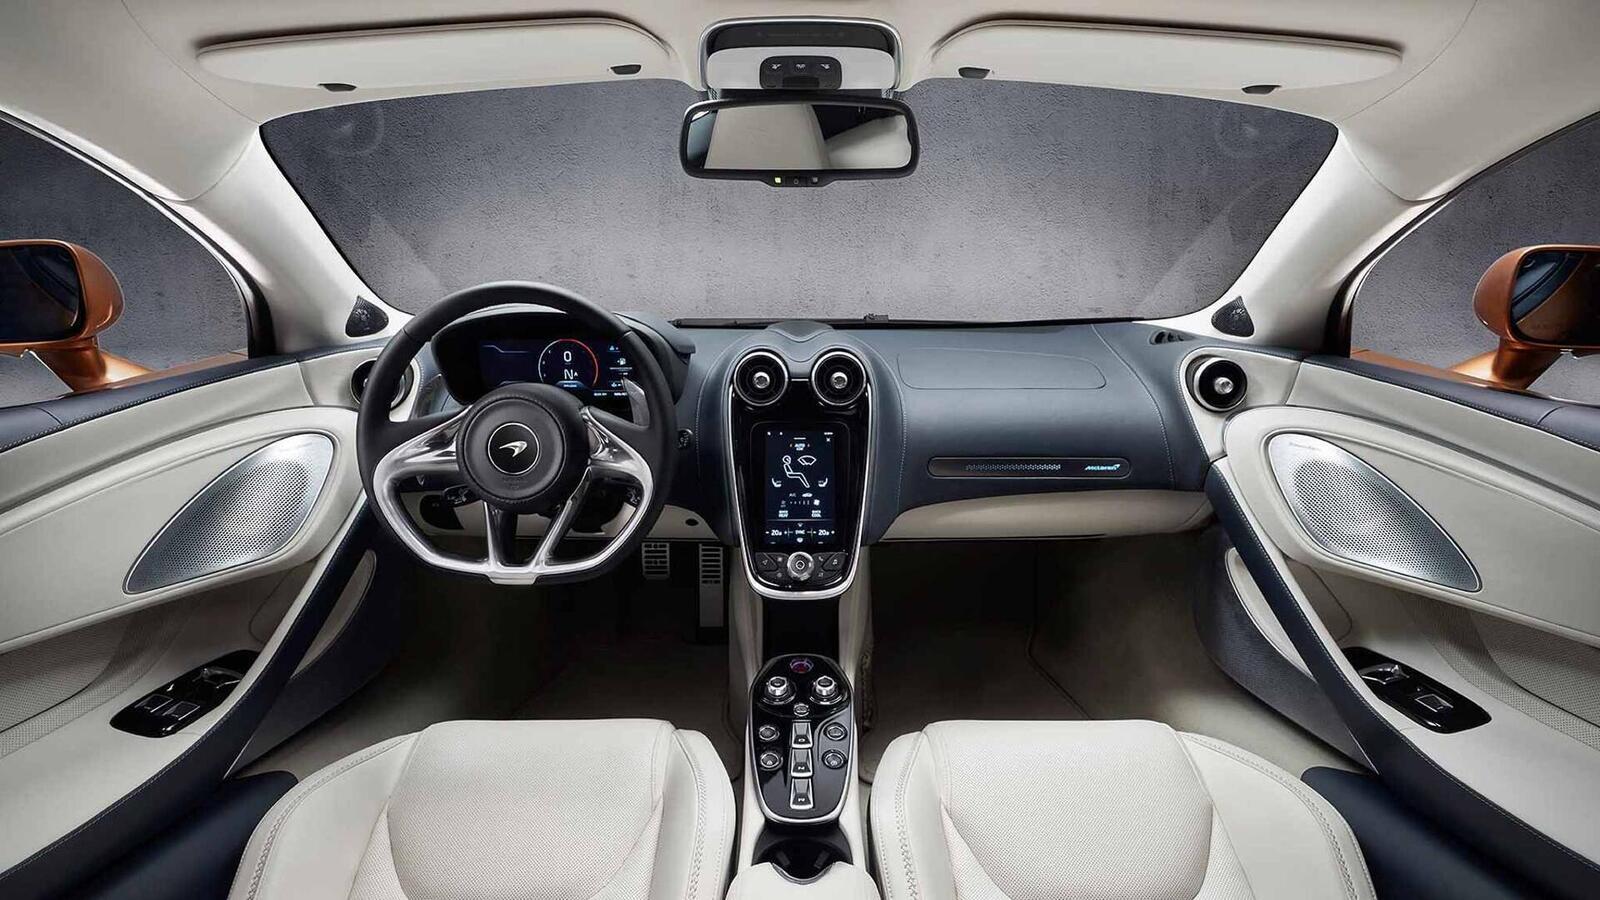 McLaren giới thiệu siêu xe GT 2020 hoàn toàn mới: Động cơ mạnh mẽ và cabin thoải mái - Hình 7